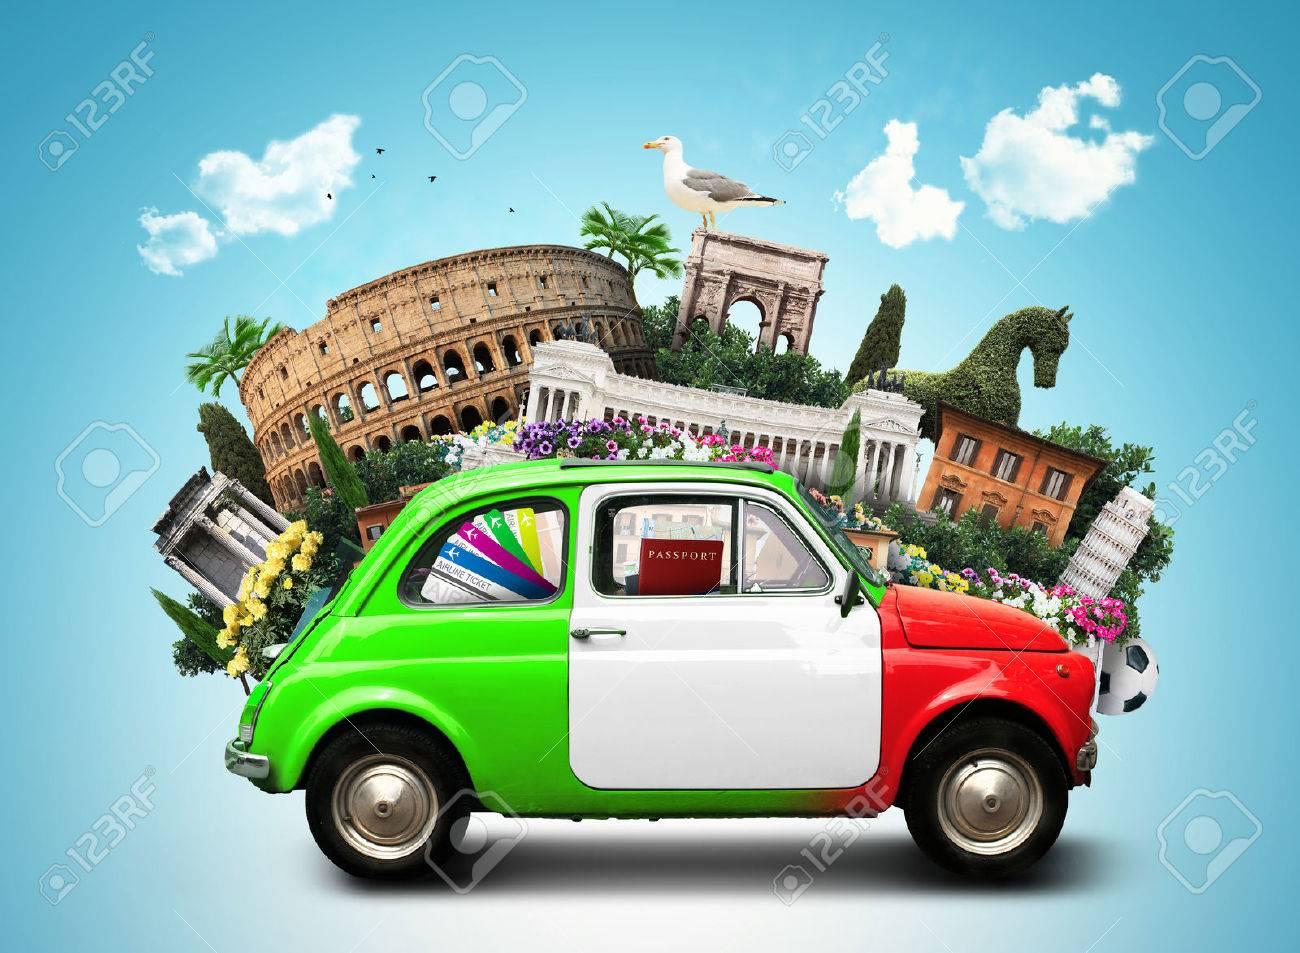 Italy, attractions Italy and retro italian car - 74035564